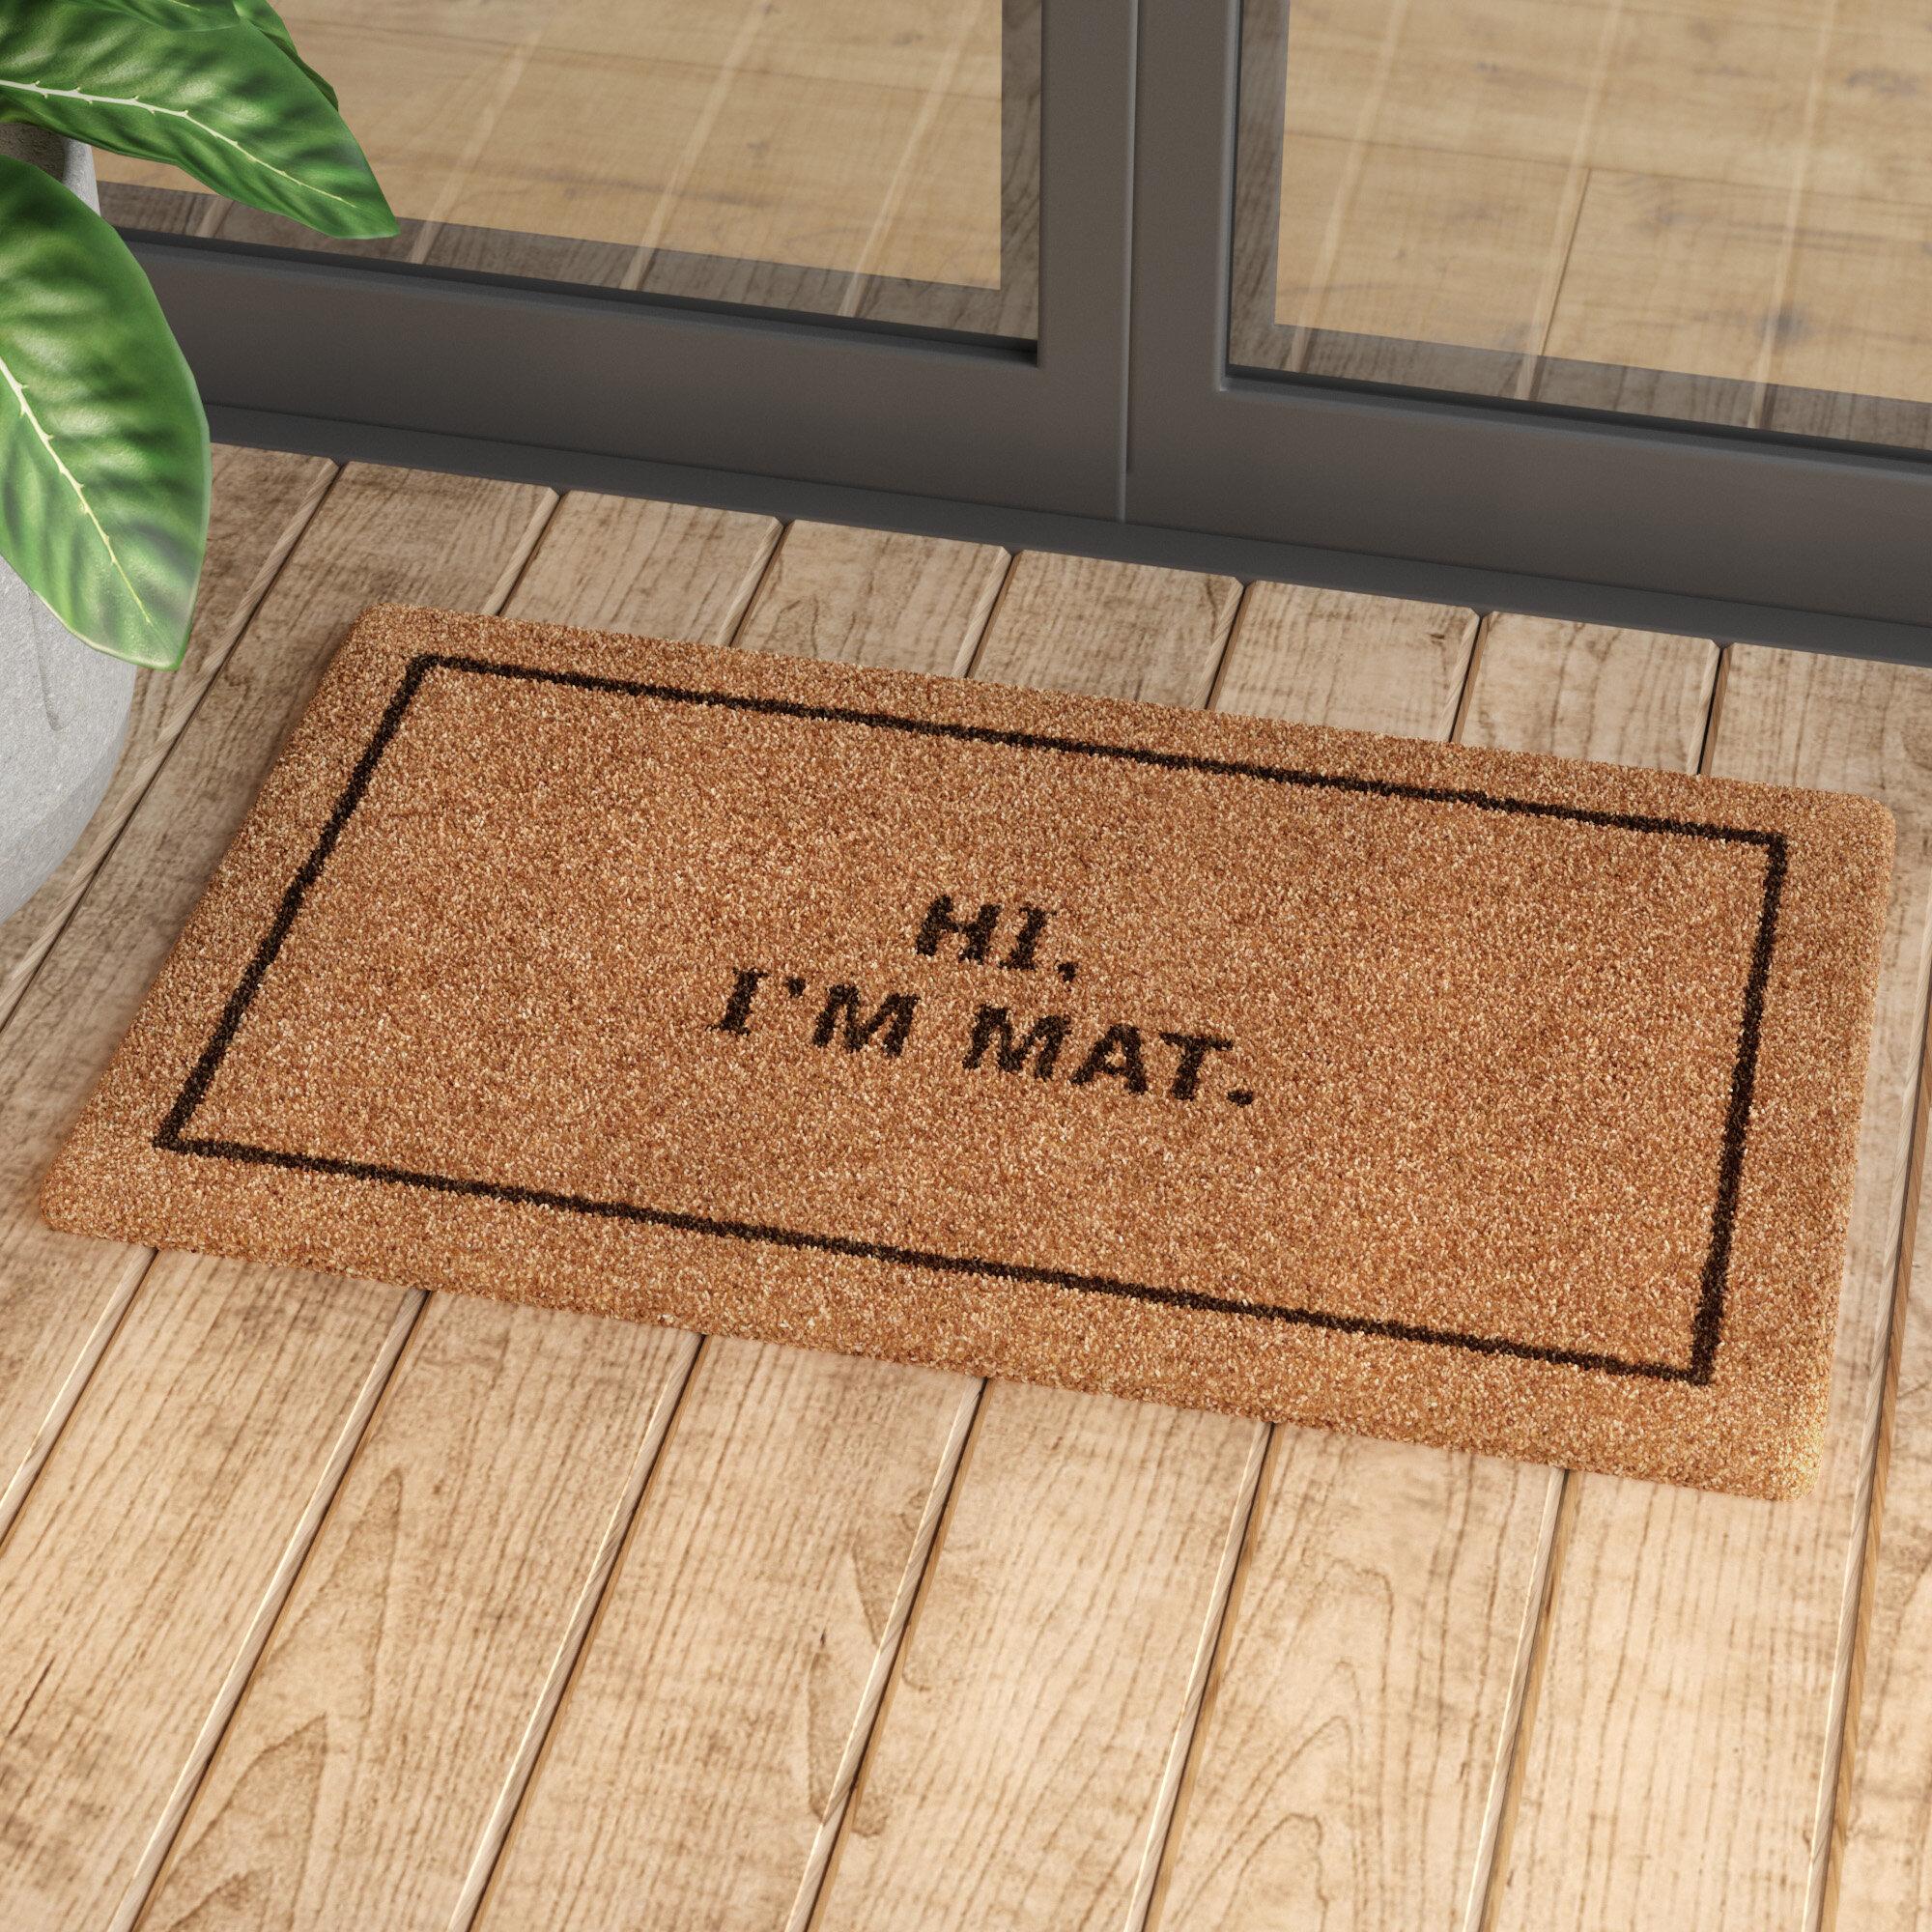 a doormat